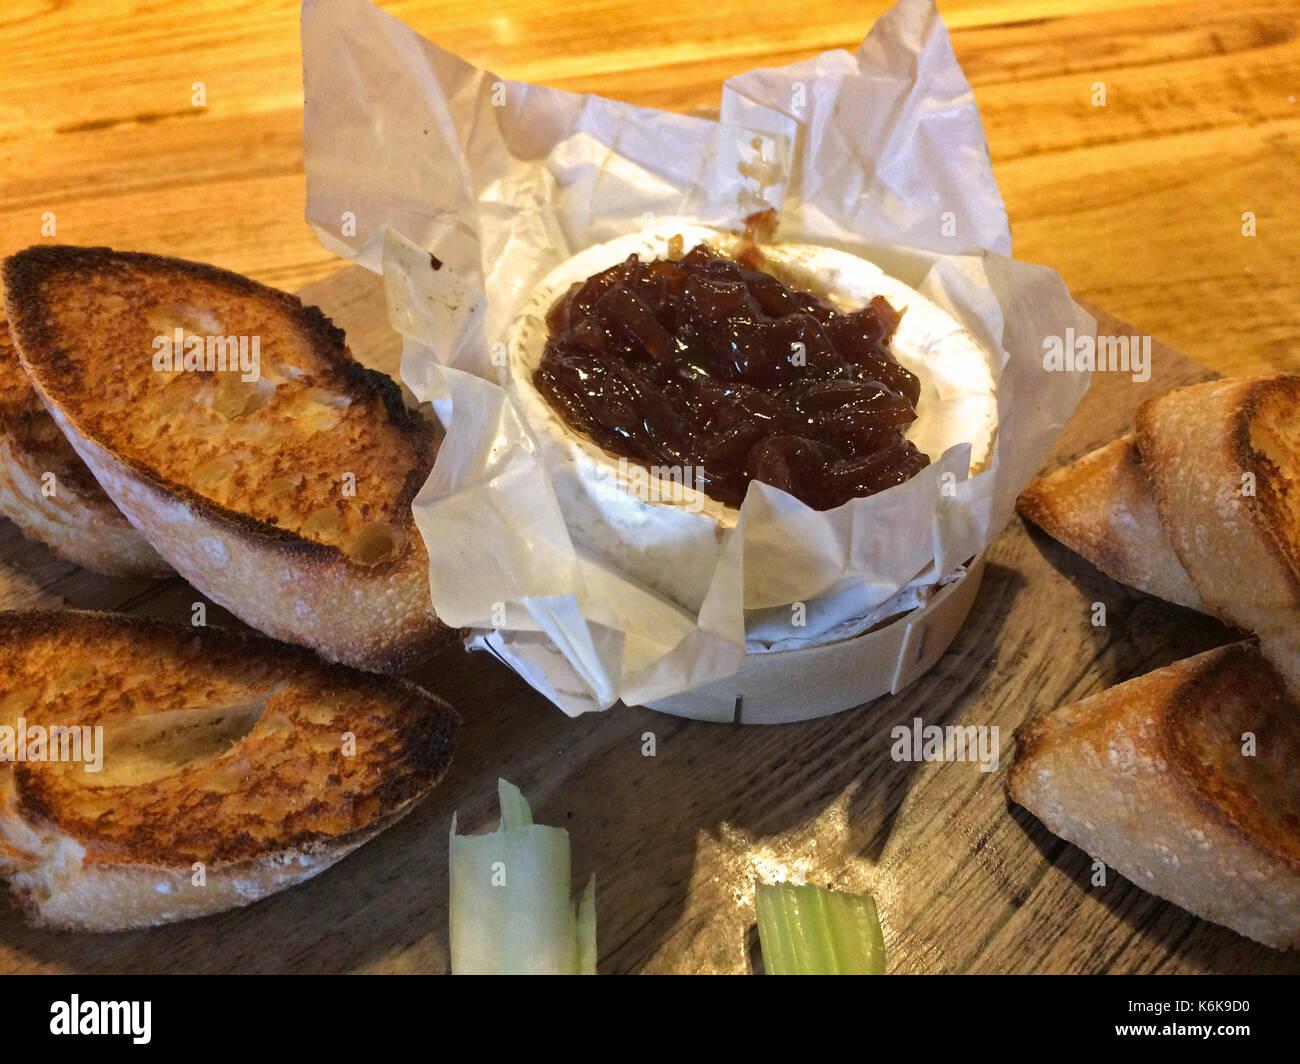 Uk's typique entrée - Fromage Camembert au four avec chutney d'oignon Photo Stock